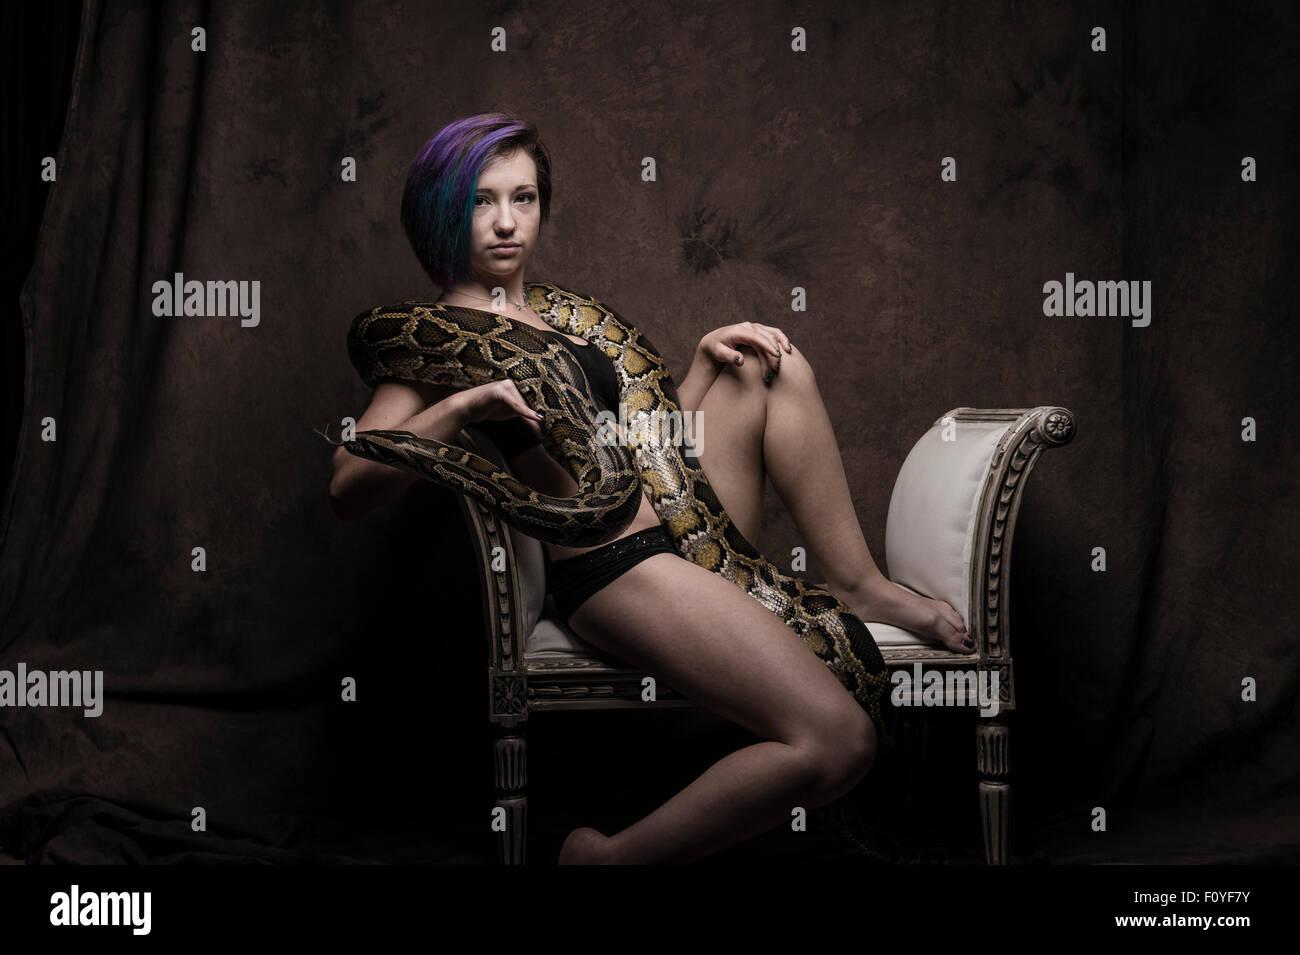 Una giovane donna ragazza persona di sesso femminile in posa seduto in una sedia con un serpente , NEL REGNO UNITO Immagini Stock